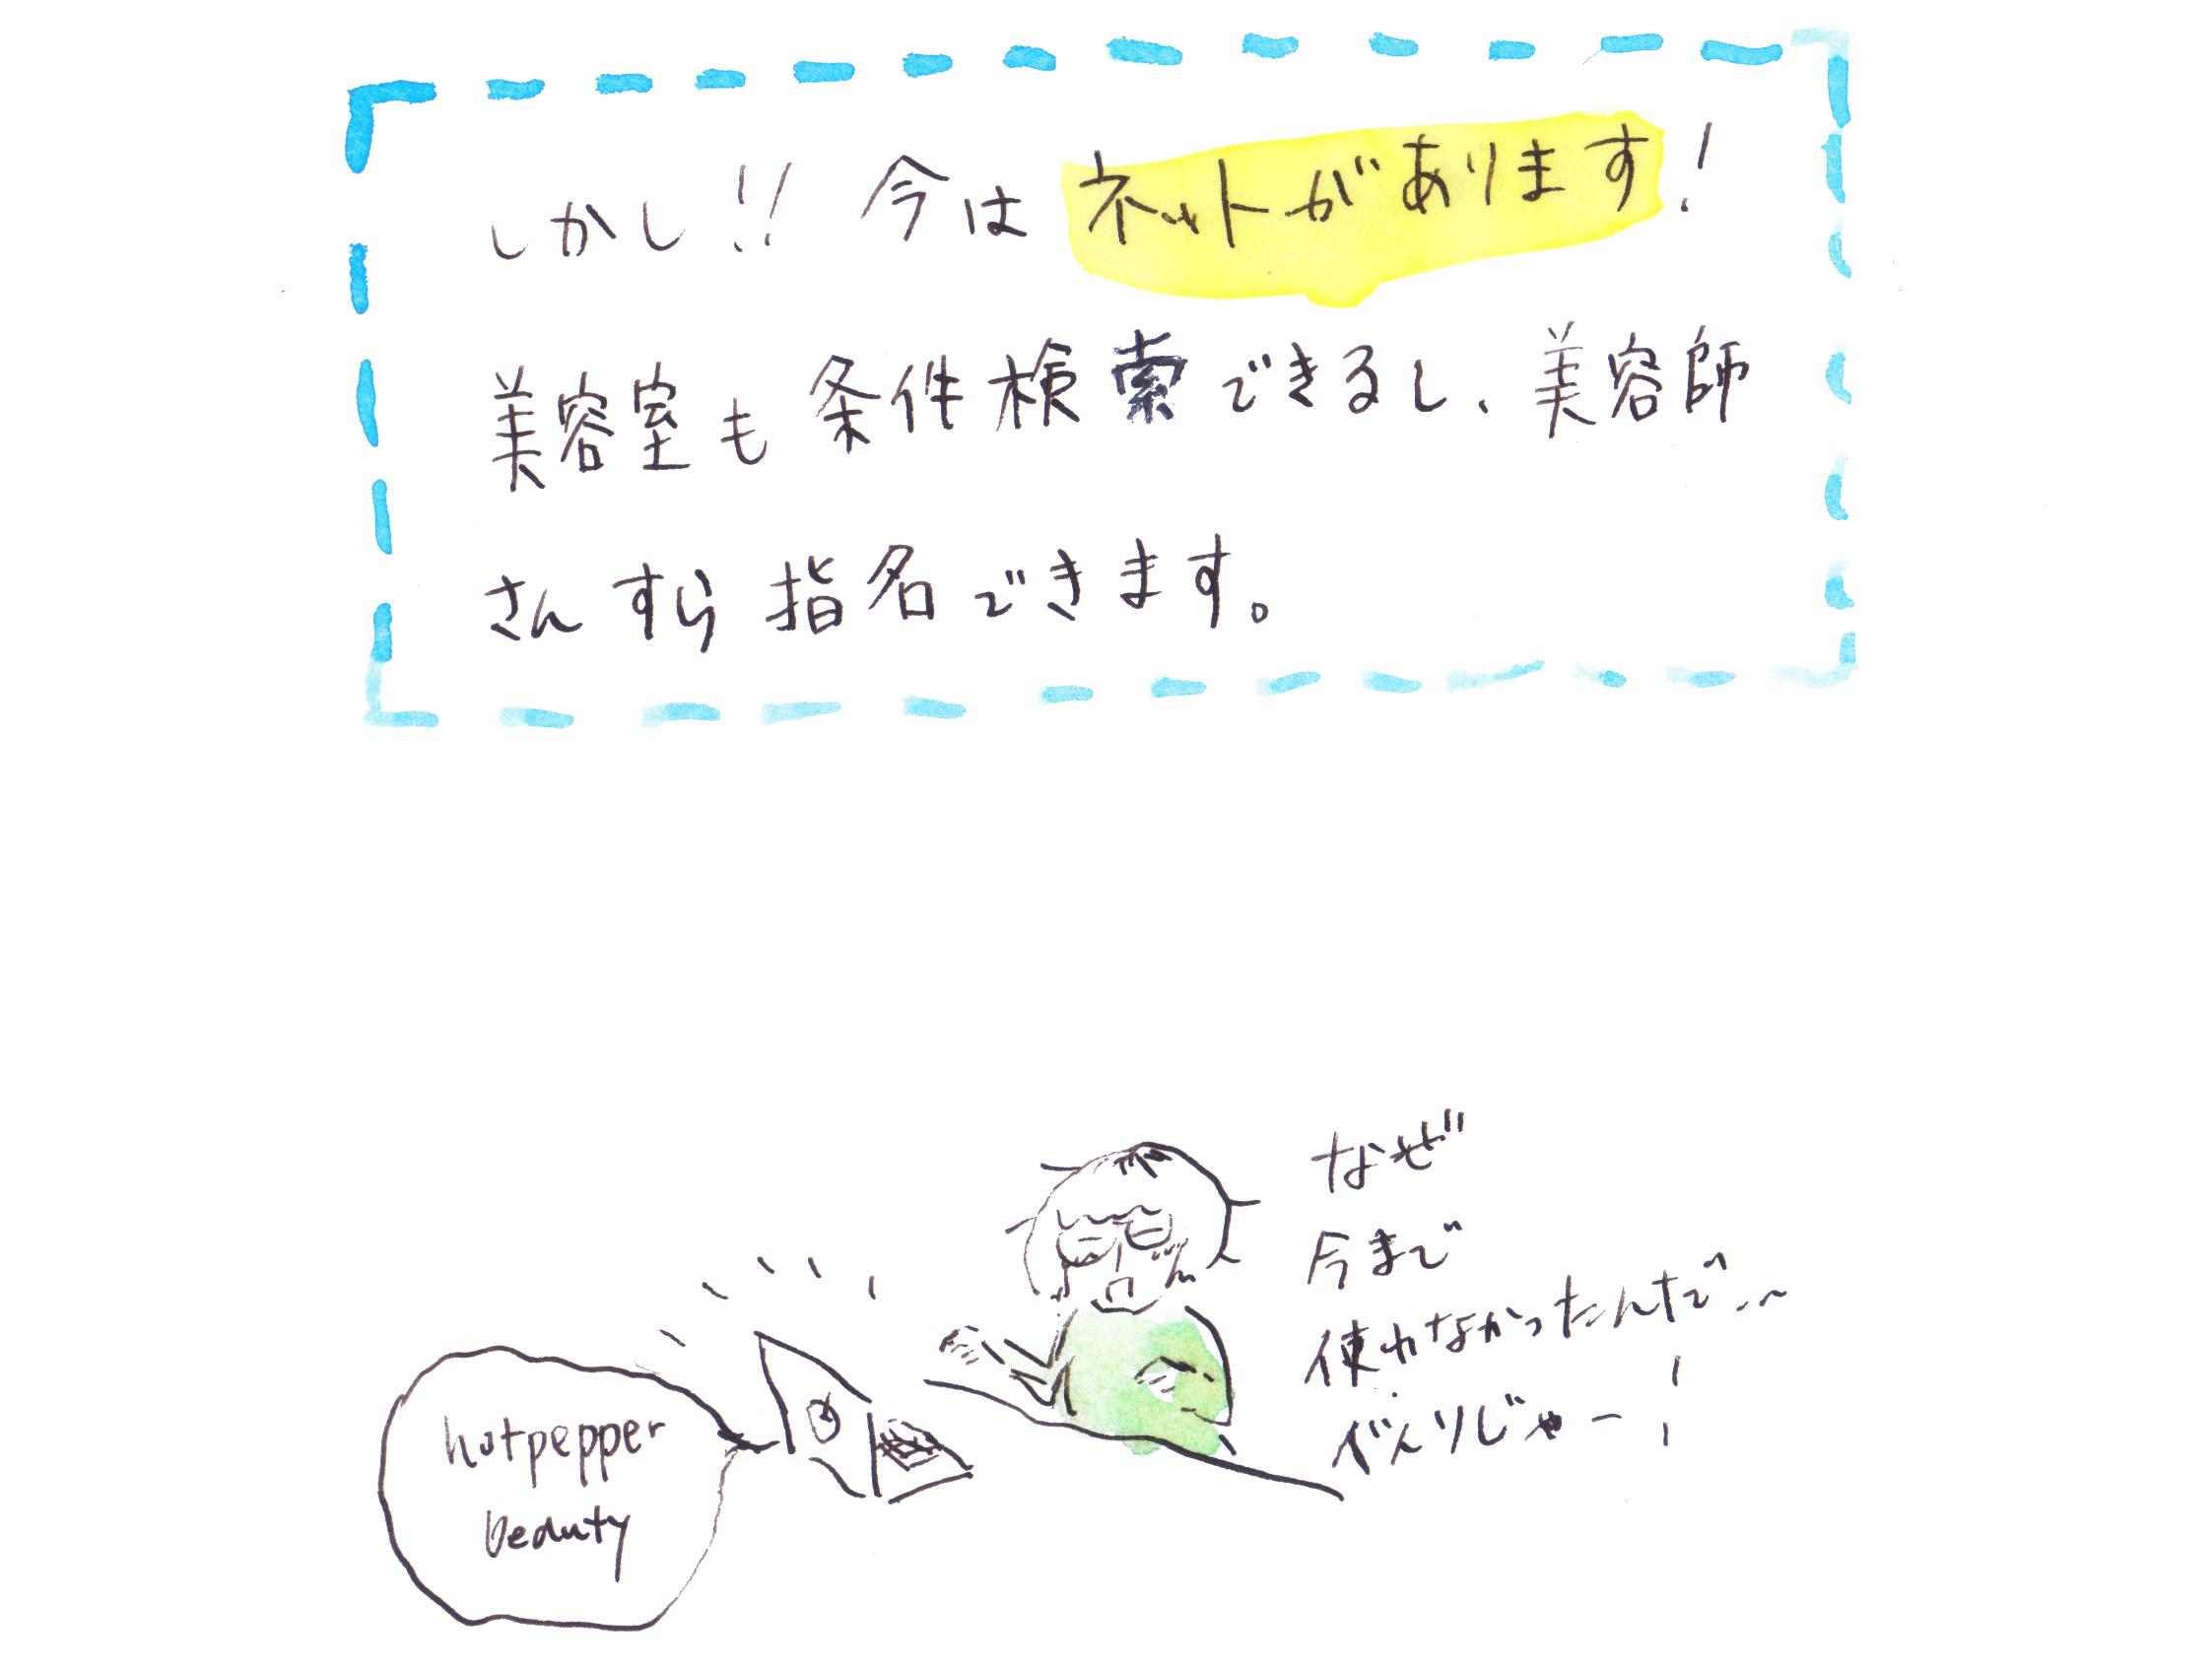 nenpa2300